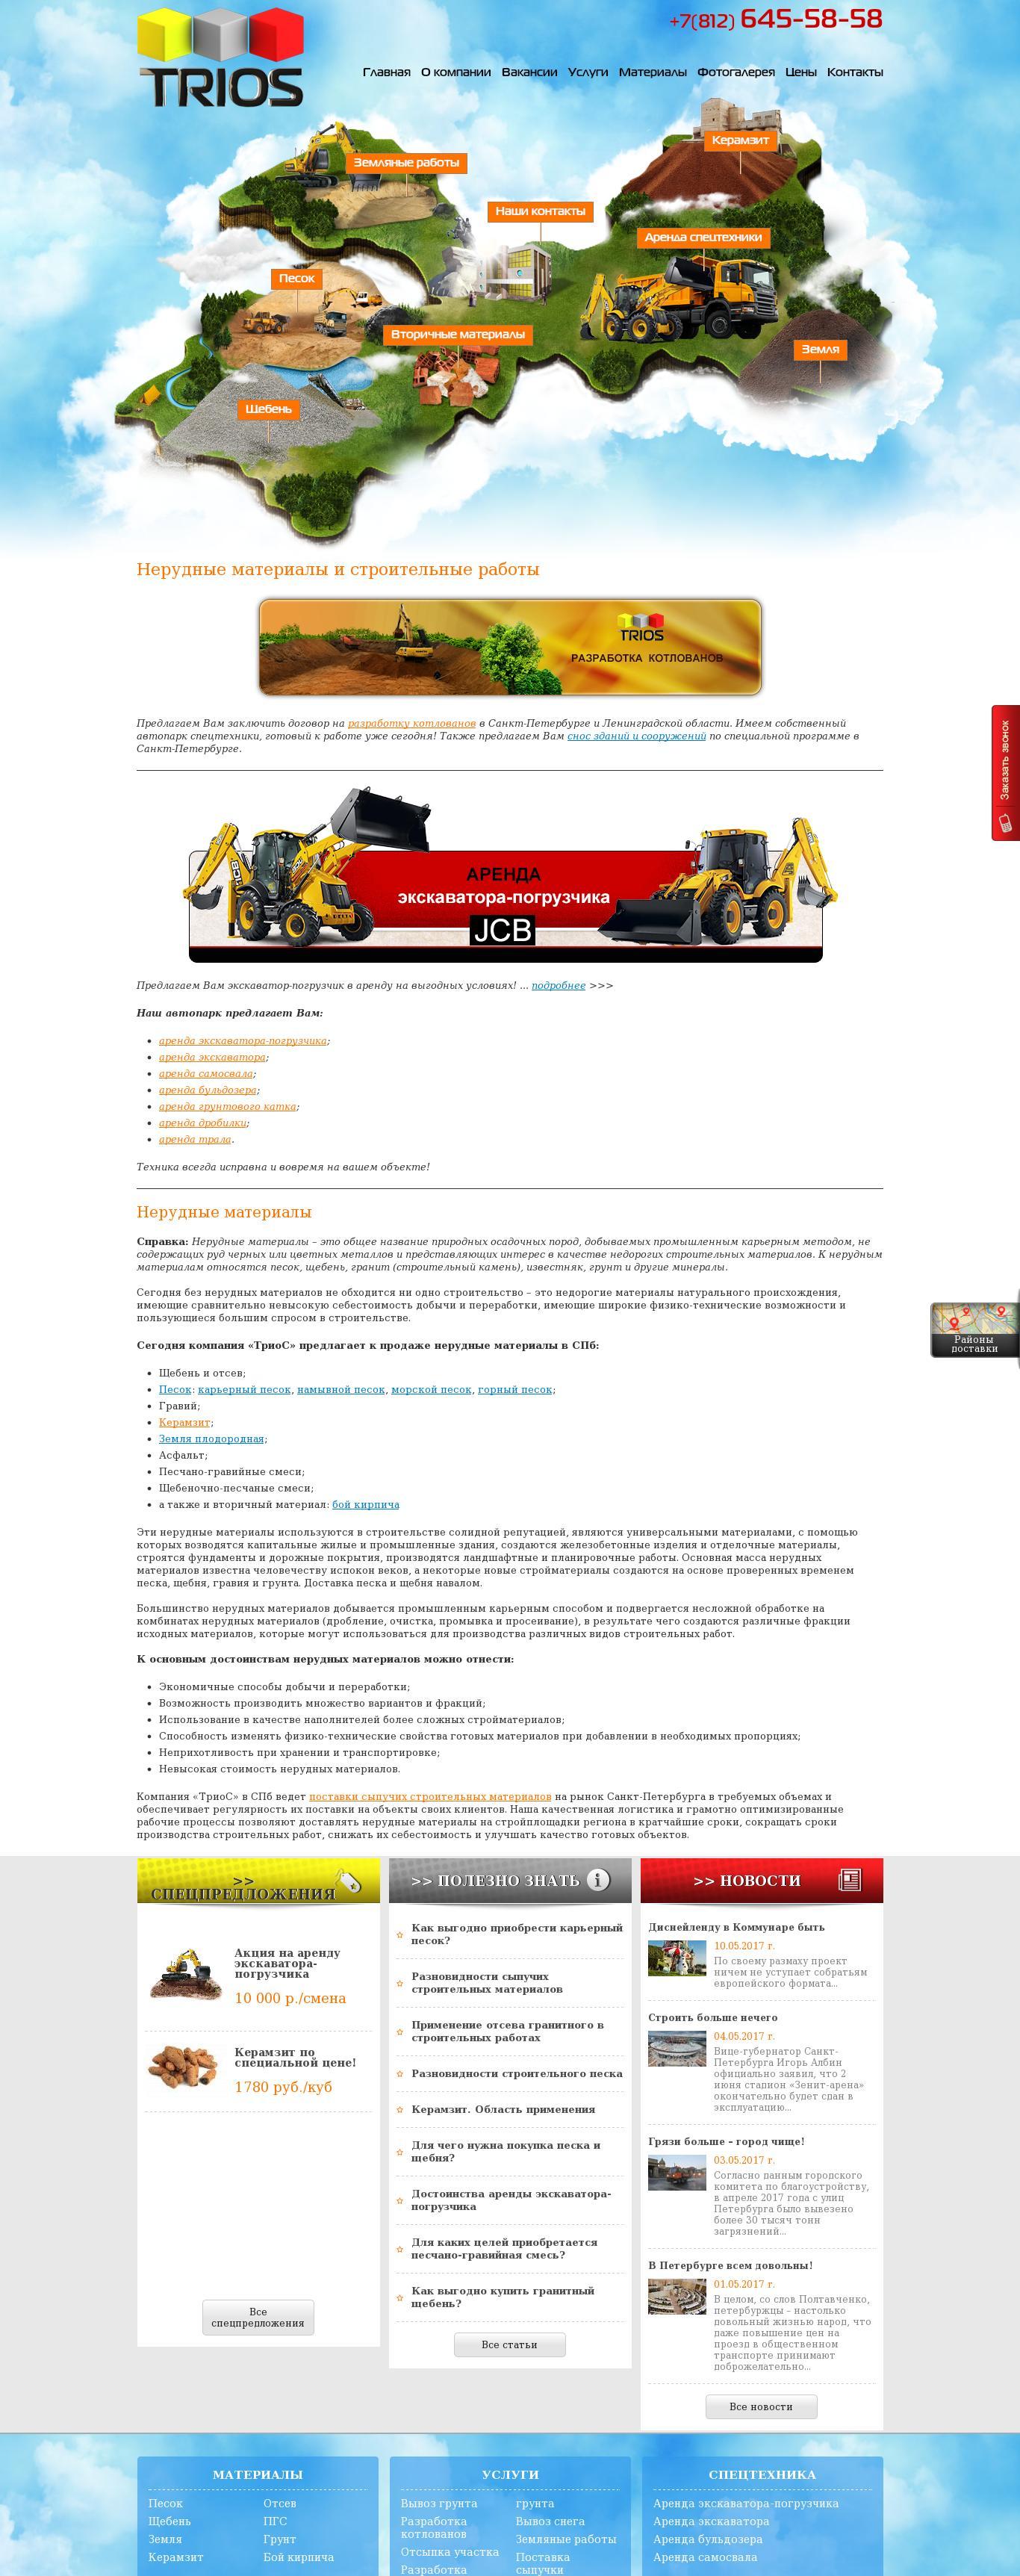 Дизайн сайта для строительной компании